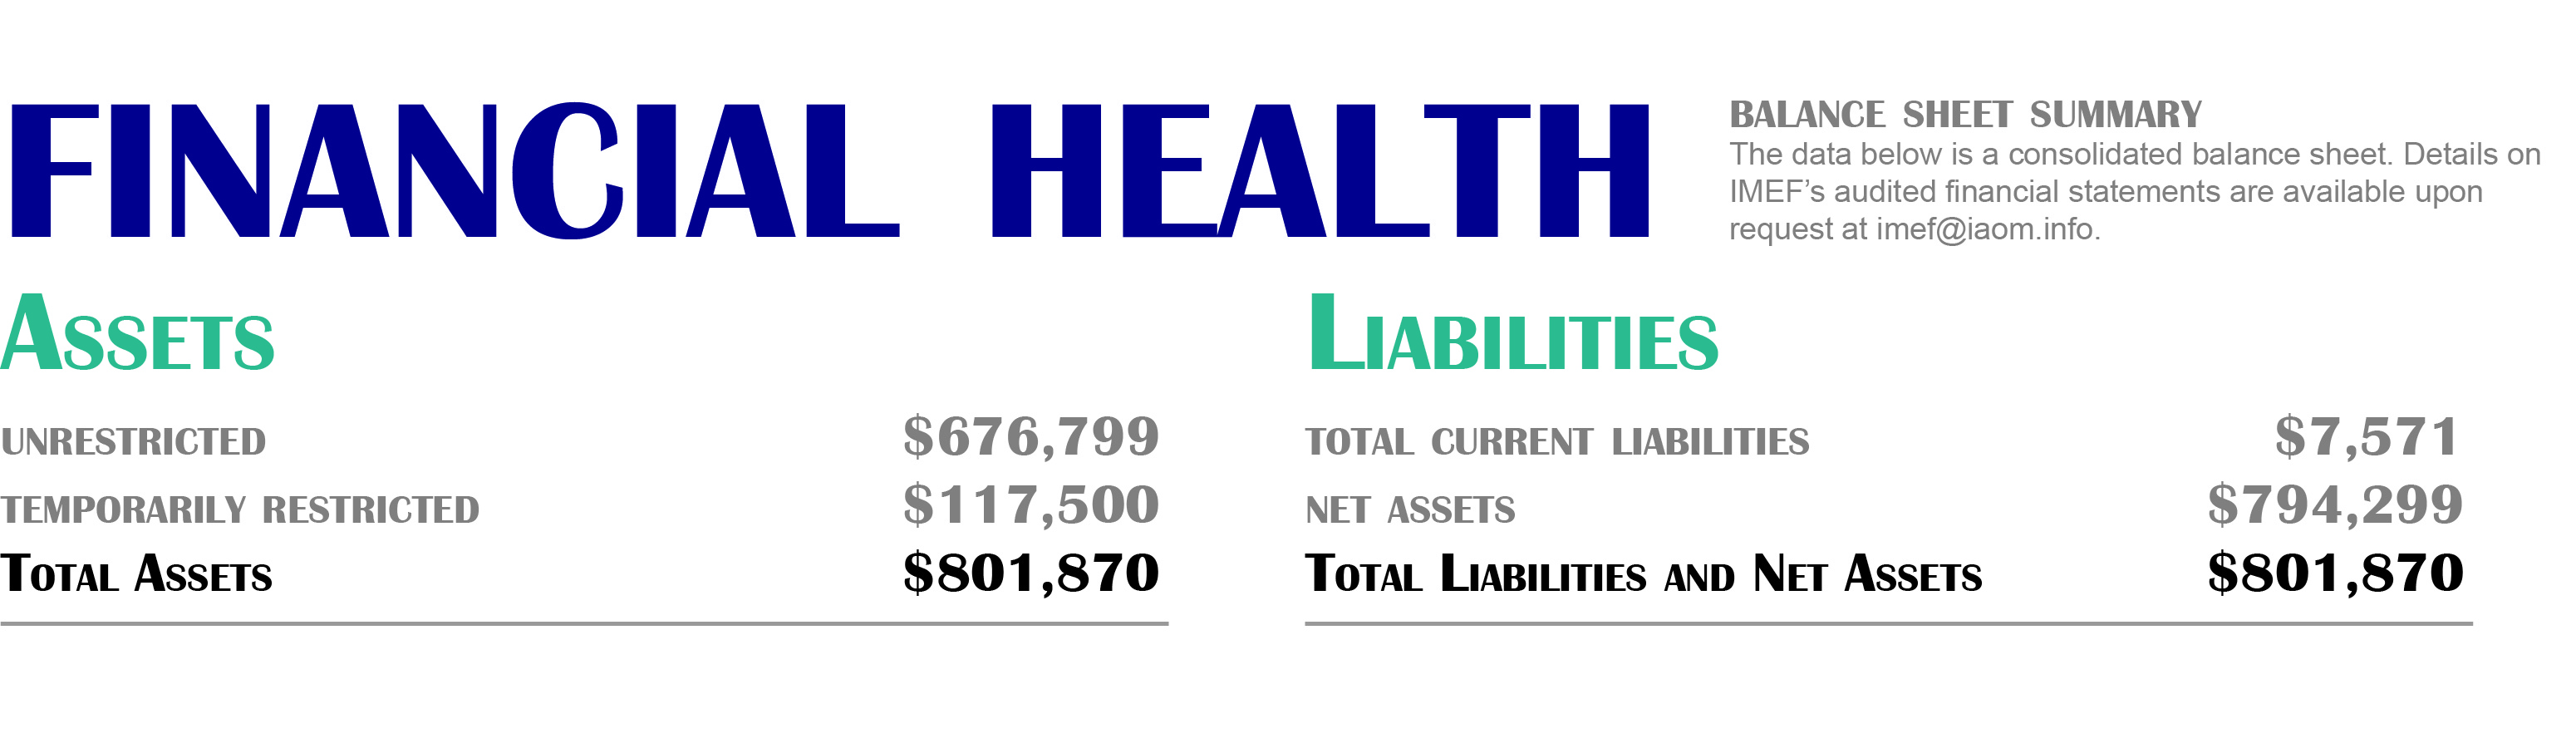 IMEF Financial Health